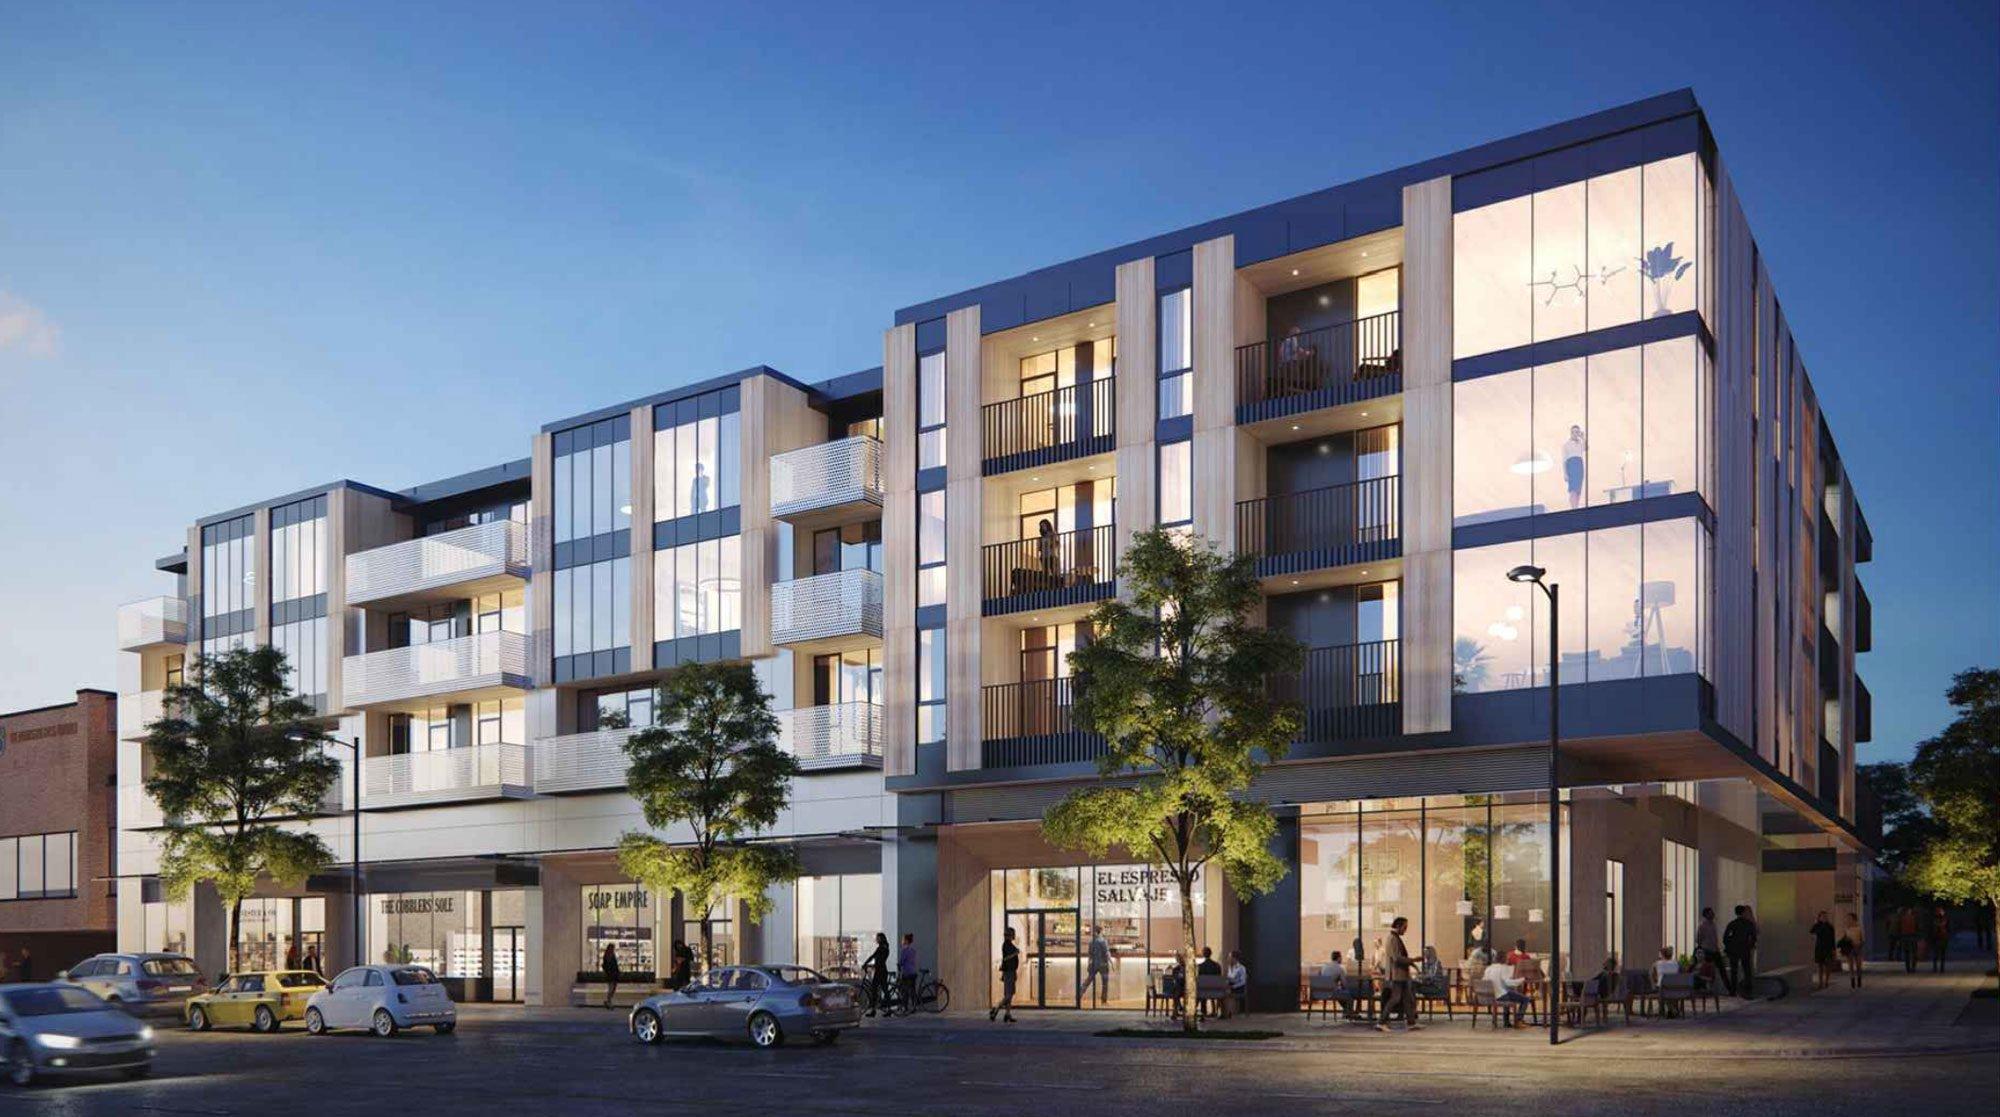 PortLiving plans 61 homes for Mount Pleasant corner